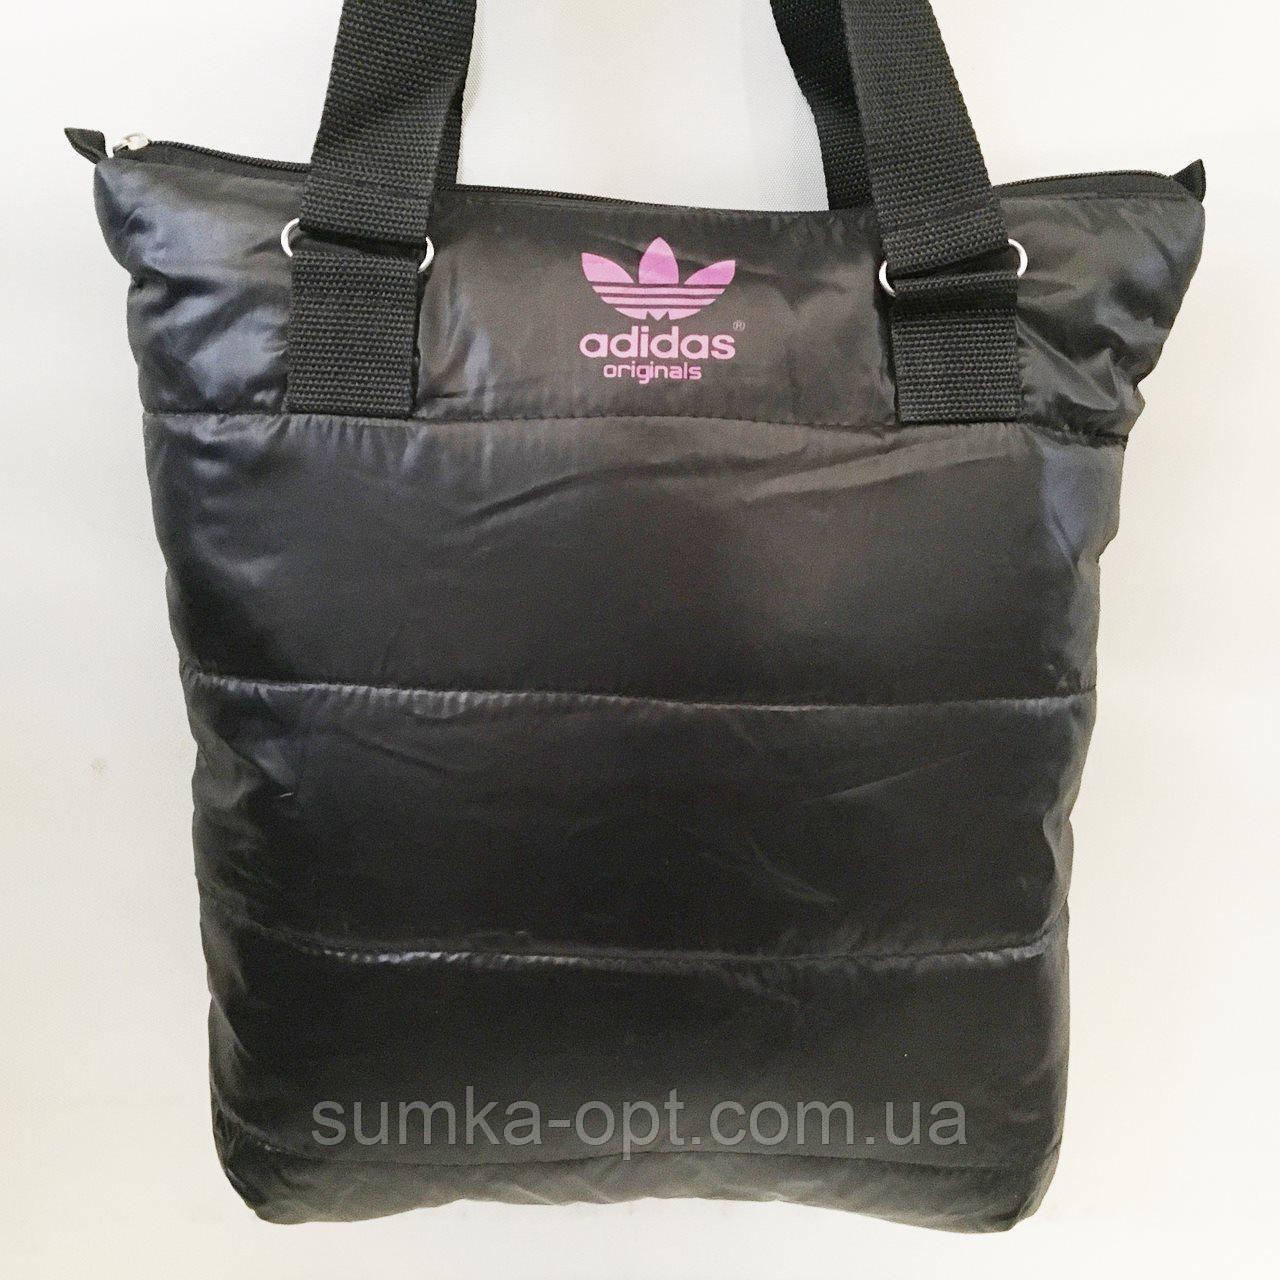 Дутые СПОРТИВНЫЕ сумки под пуховик Adidas (ЧЕРНЫЙ-РОЗОВЫЙ)34*35см